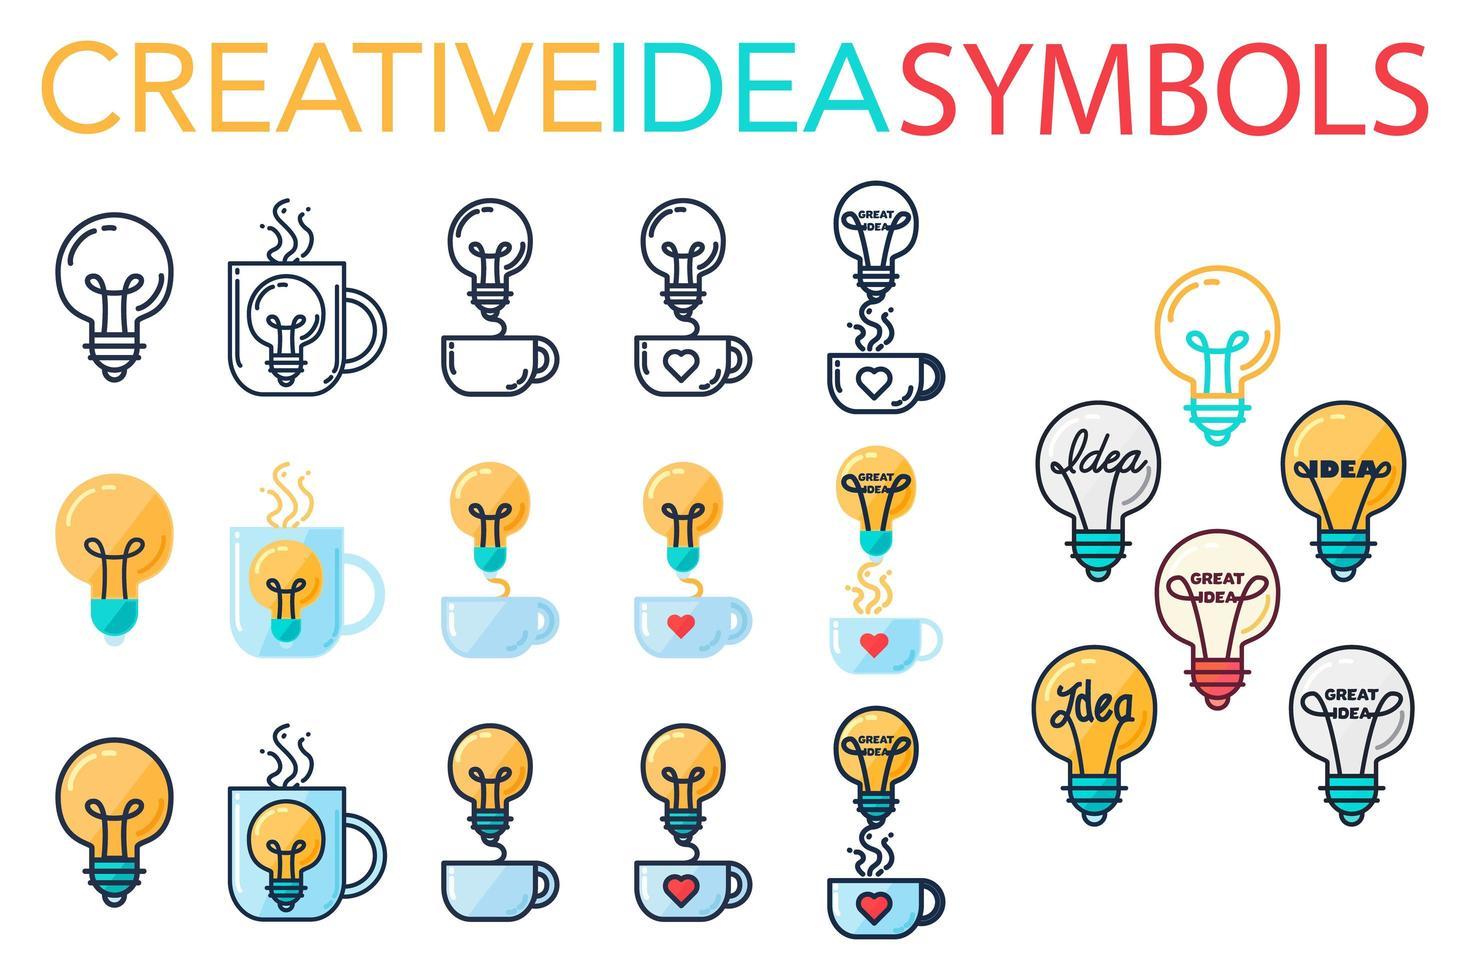 logotipo de ideia de sucesso criativo vetor